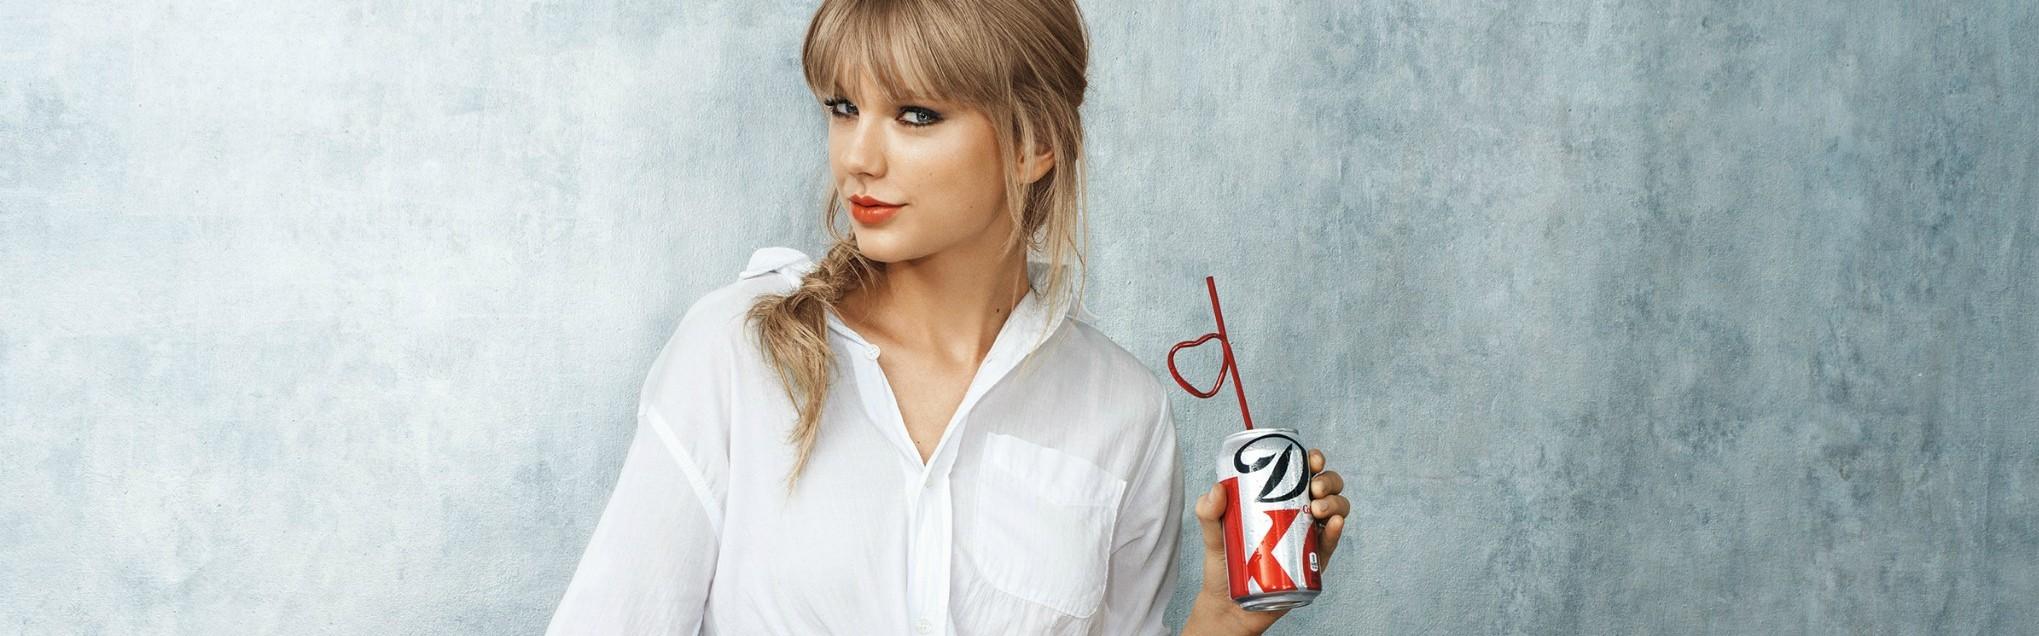 Diet Coke - Taylor Swift Switzerland